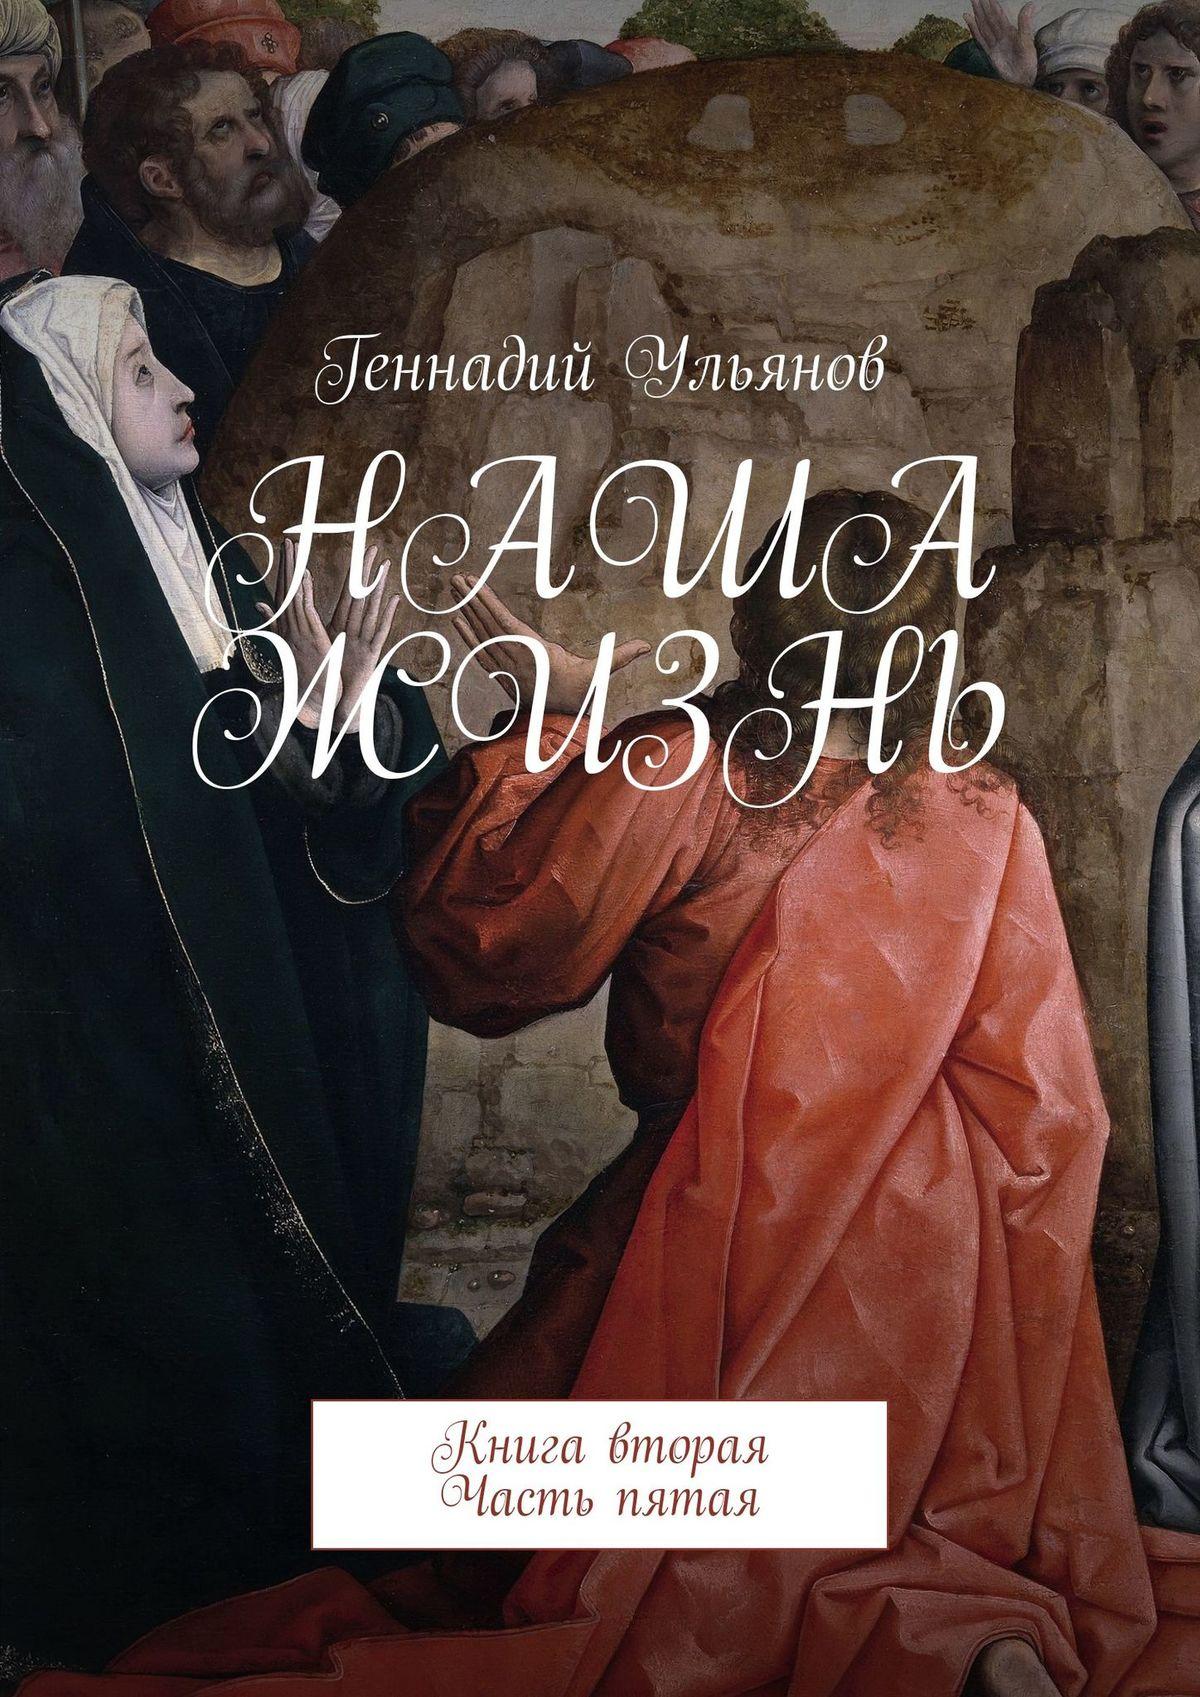 Геннадий Ульянов Наша жизнь. Книга вторая. Часть пятая геннадий ульянов наша жизнь книга двенадцатая часть первая